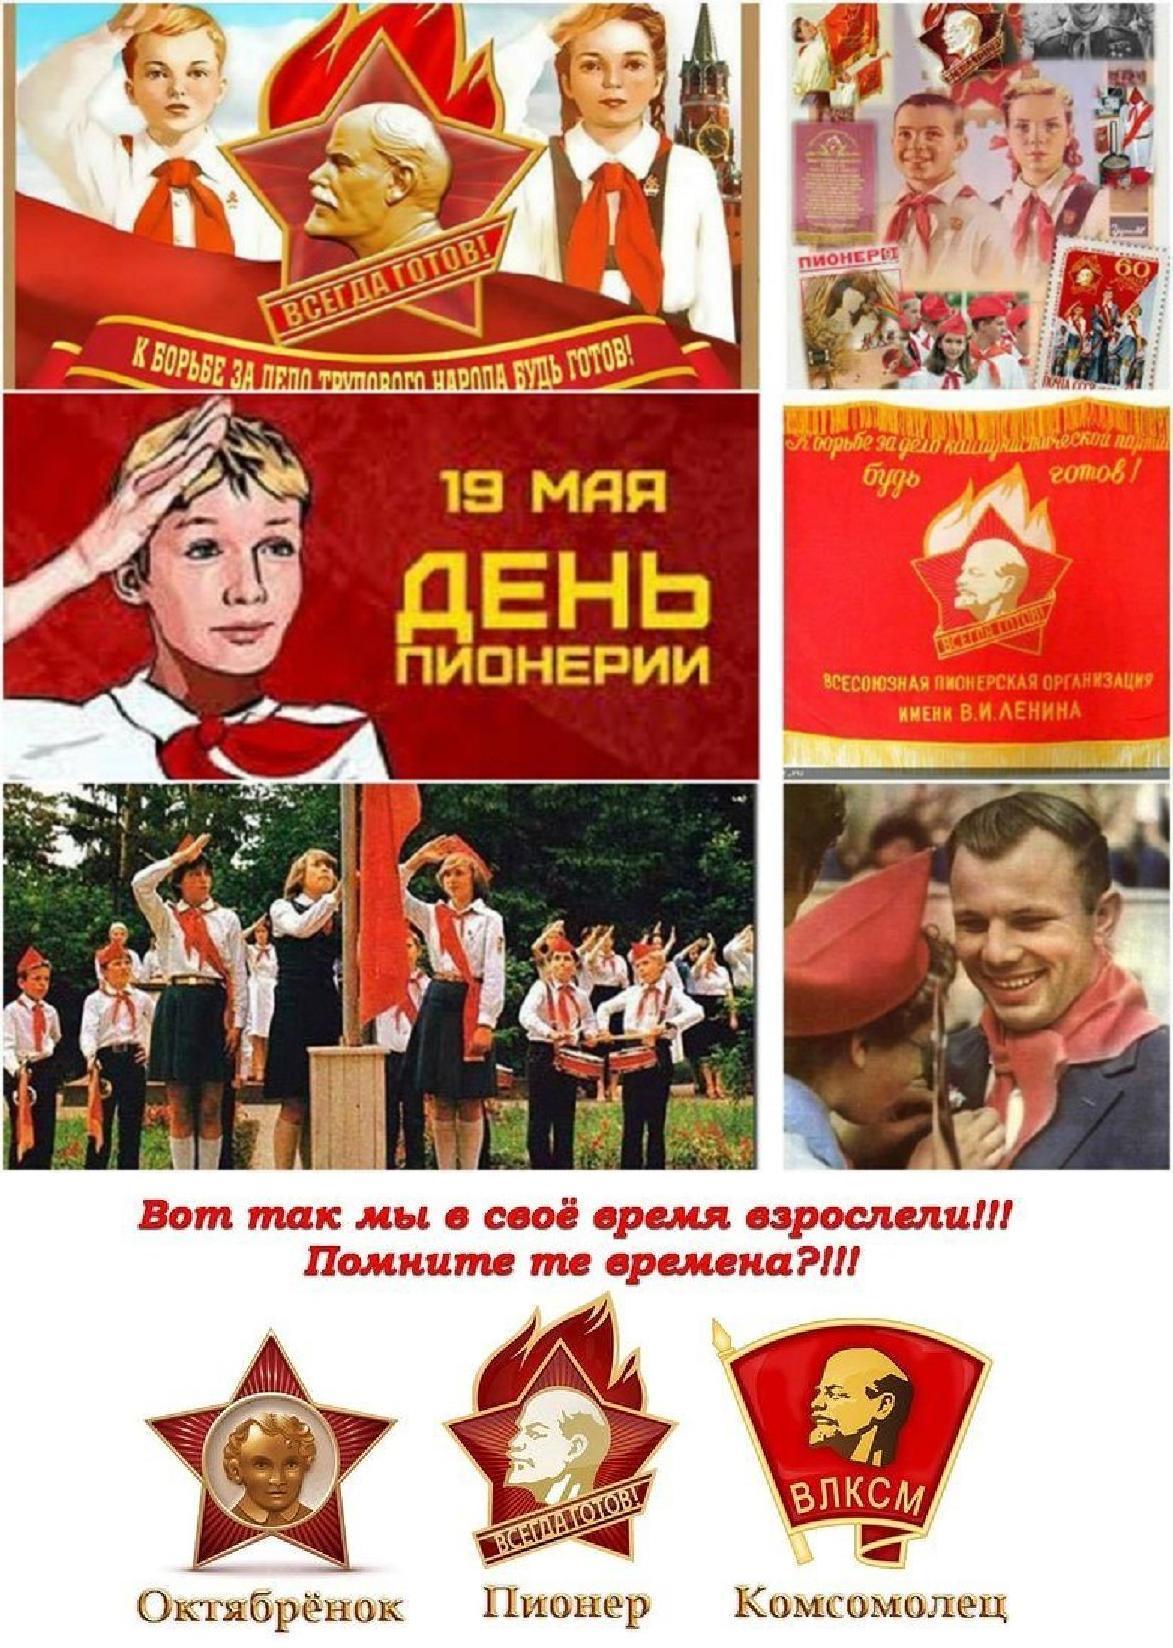 Пионерские организации в открытках